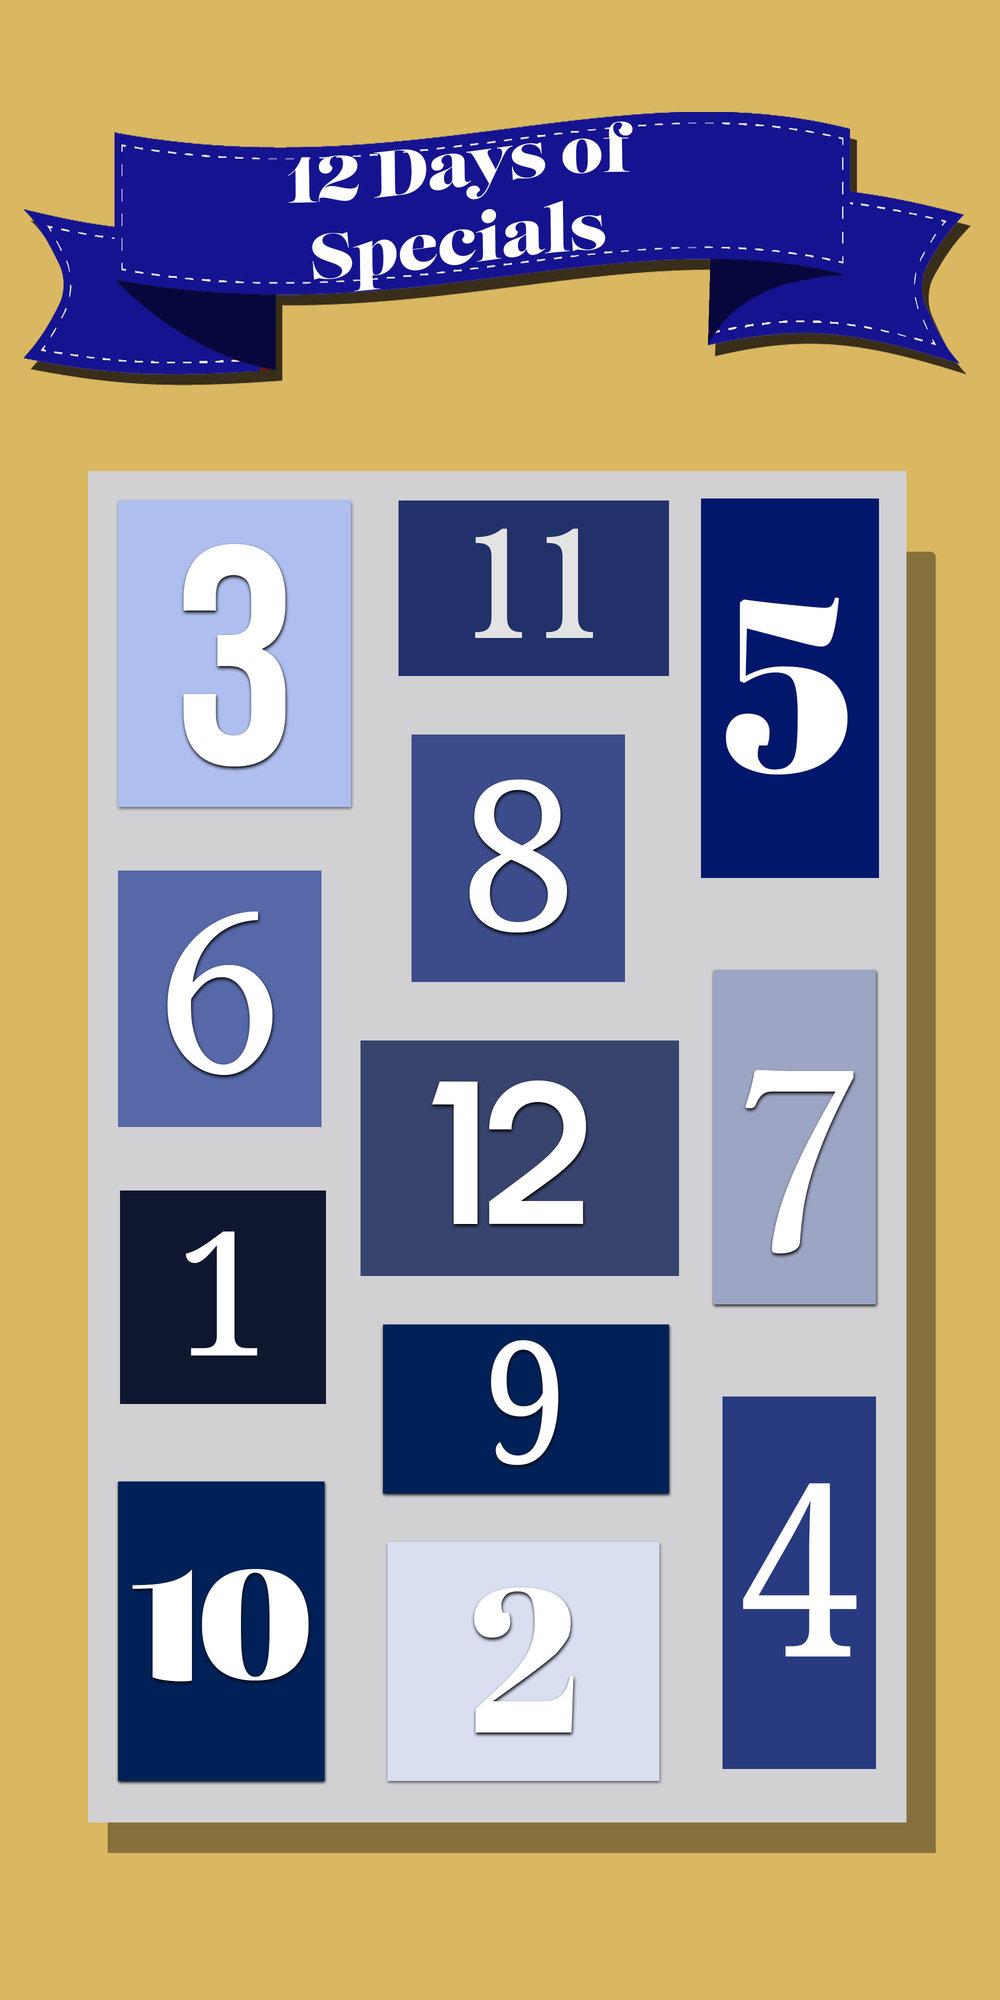 12DaysOfSpecials.jpg